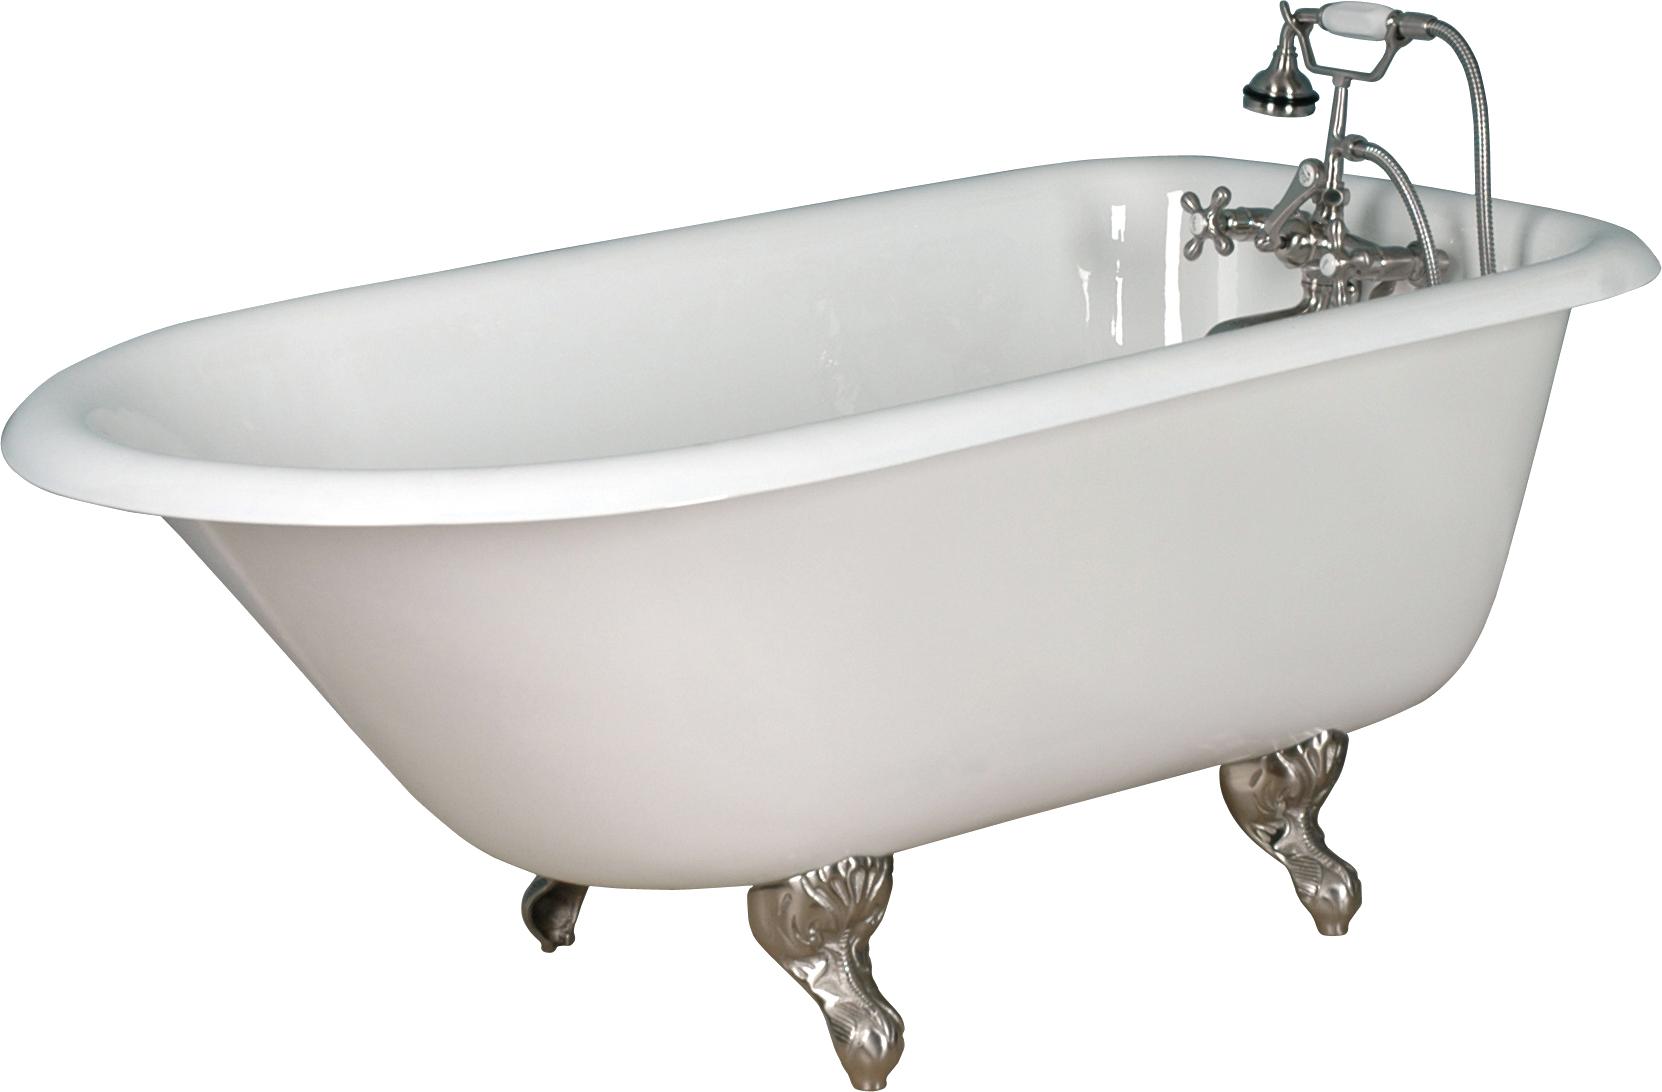 jpg transparent download Bath tub png hd. Transparent bathroom.